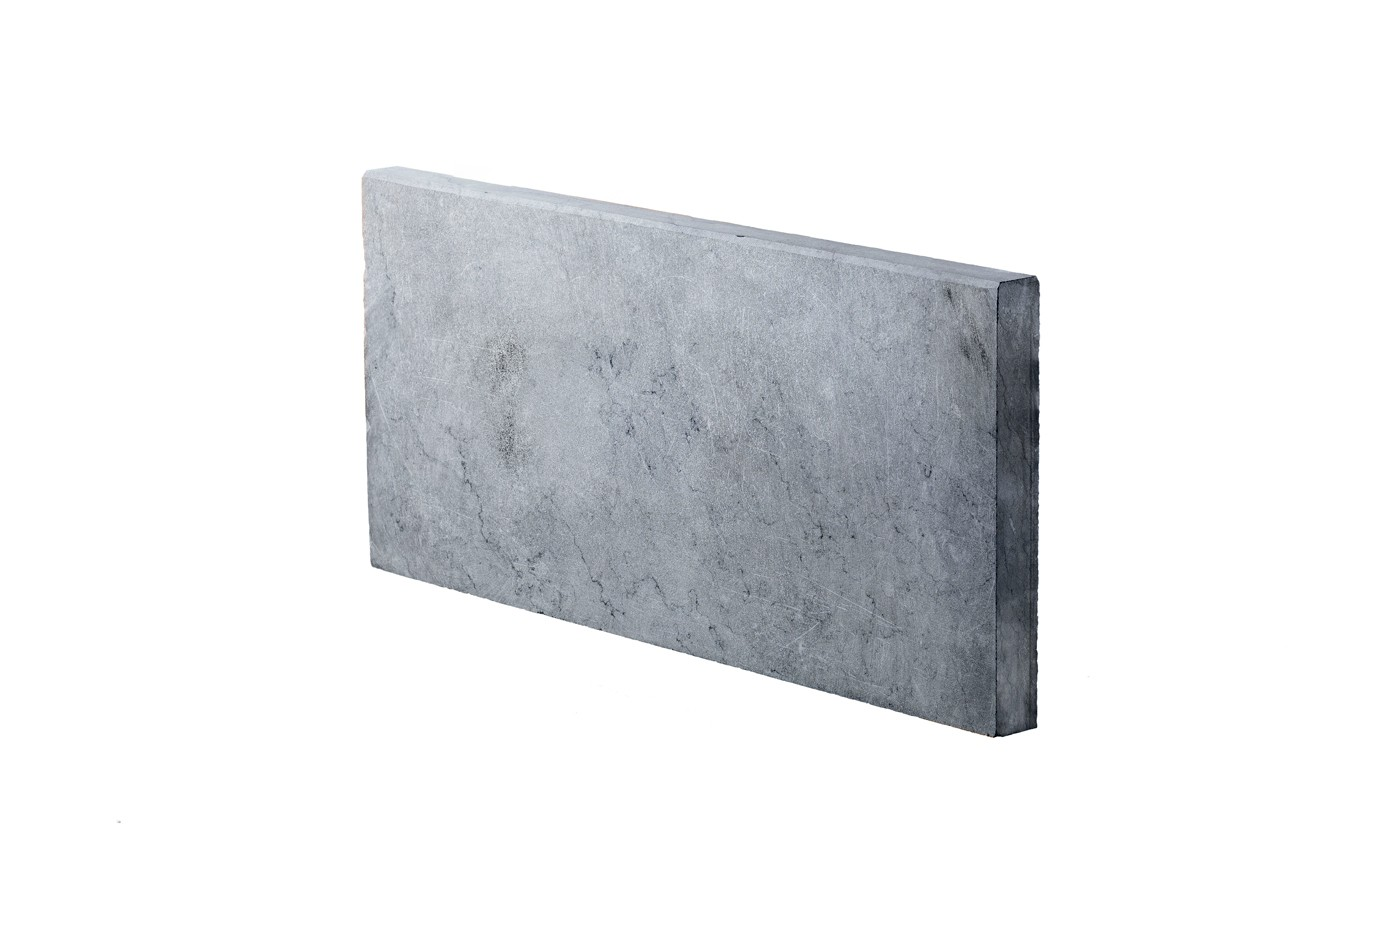 bordure en pierre naturelle bleue 50 x 23 x 3 cm. Black Bedroom Furniture Sets. Home Design Ideas